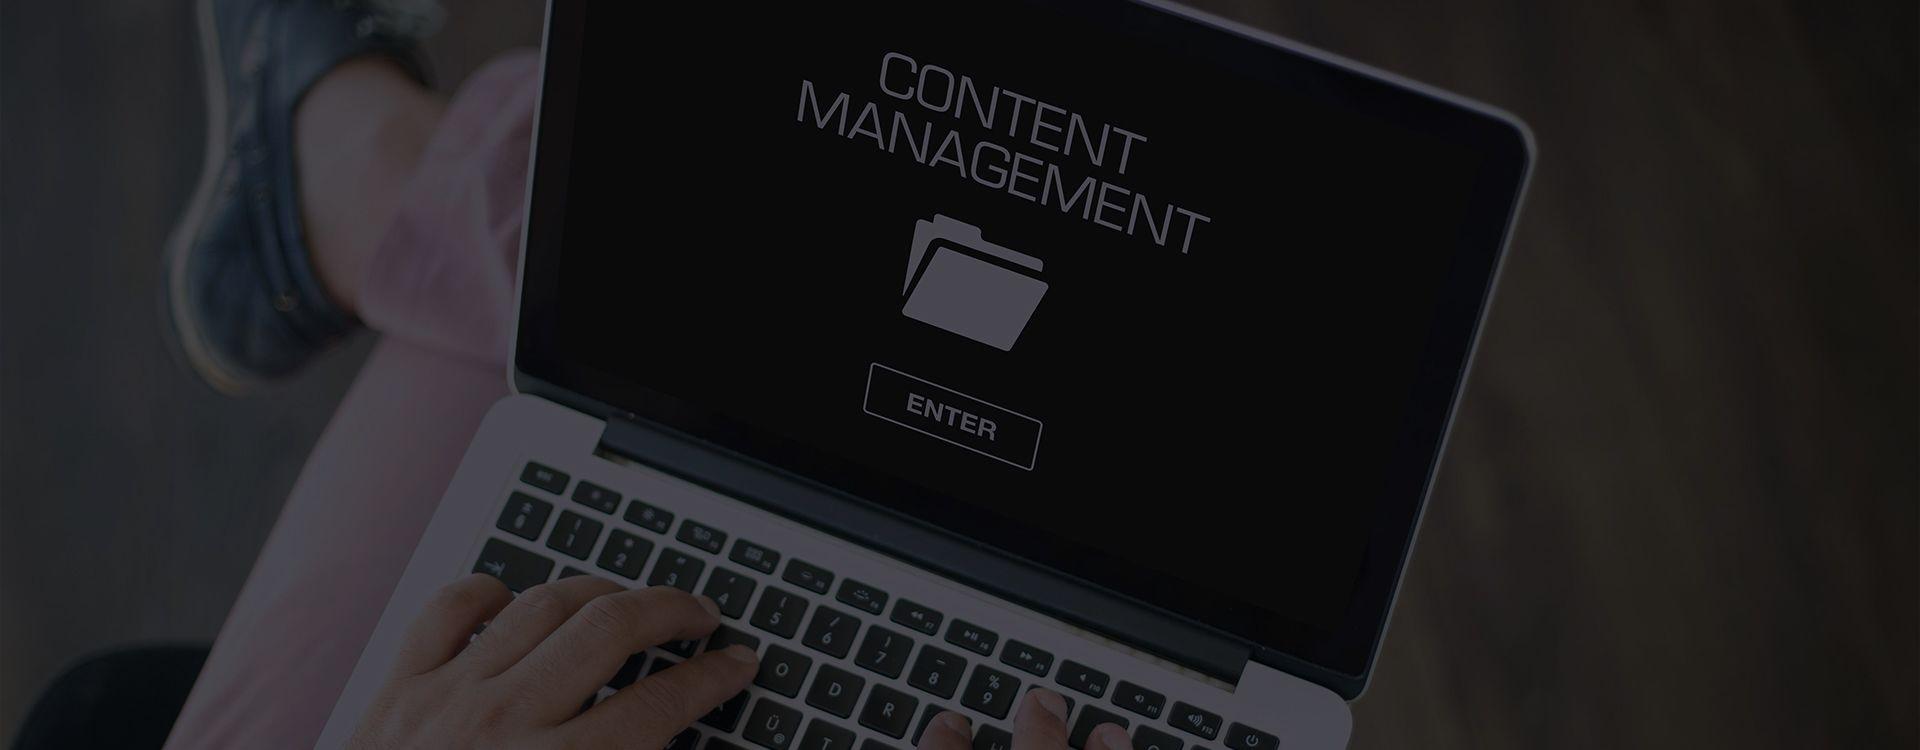 Контент-менеджмент